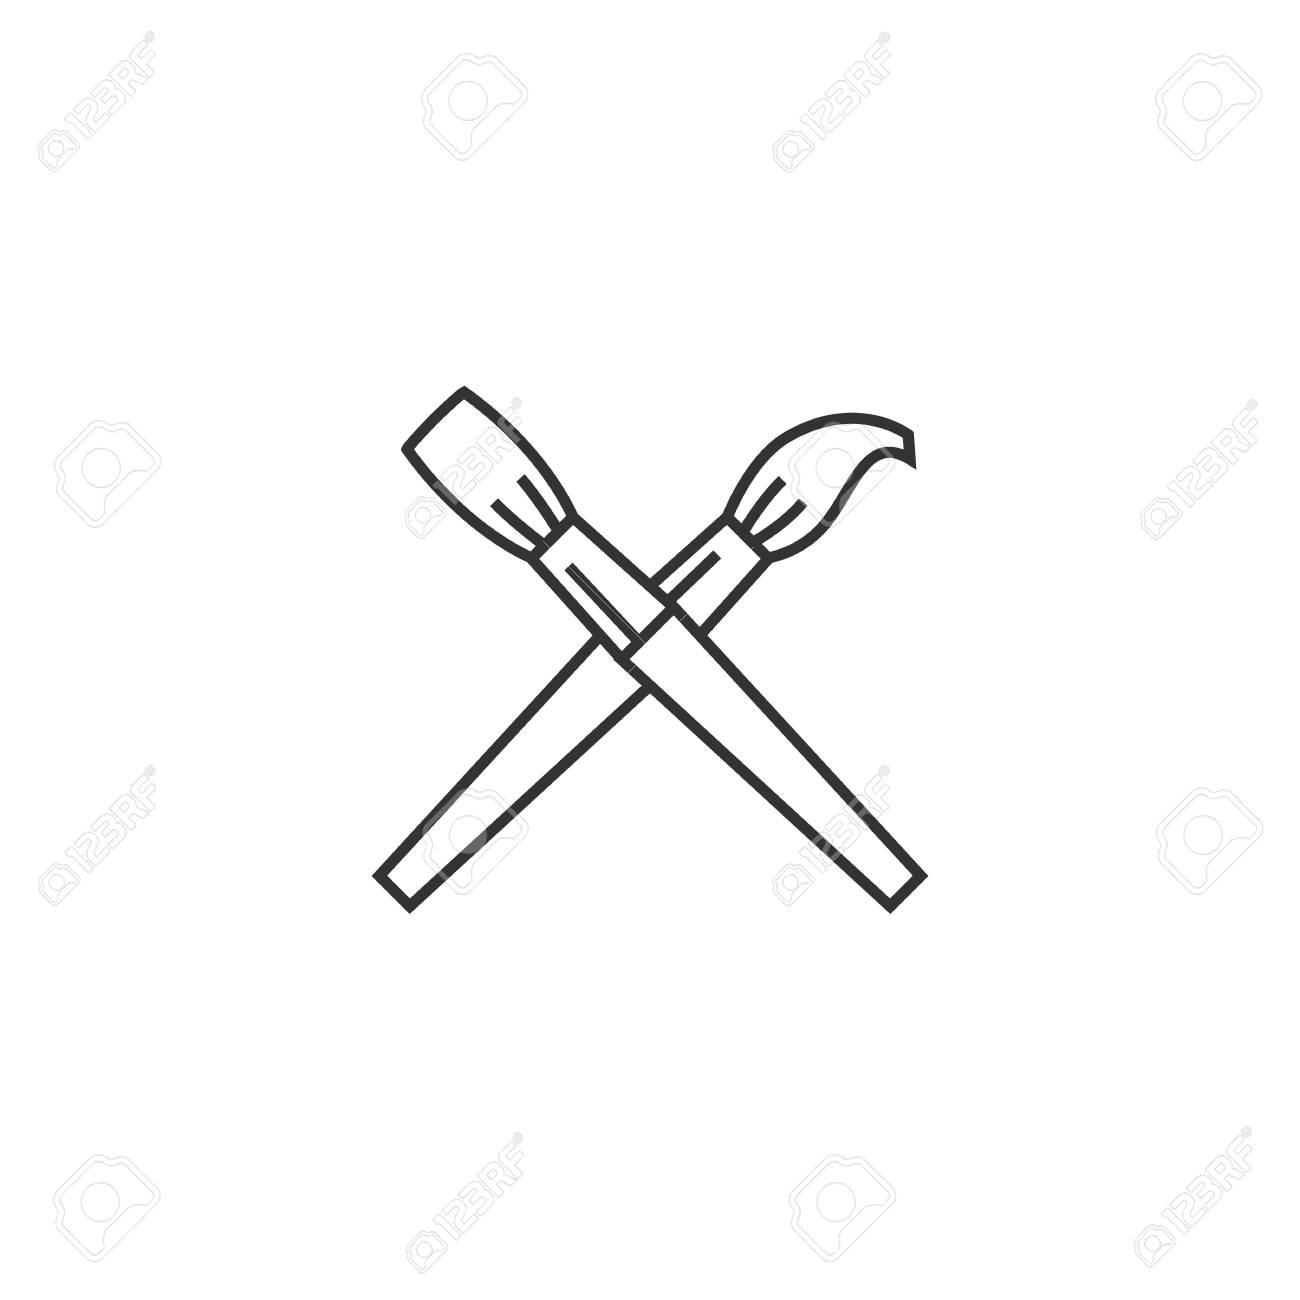 L Icone Des Pinceaux Dans Un Style De Contours Mince Artiste Peinture Dessin Oeuvre D Art Clip Art Libres De Droits Vecteurs Et Illustration Image 72639571